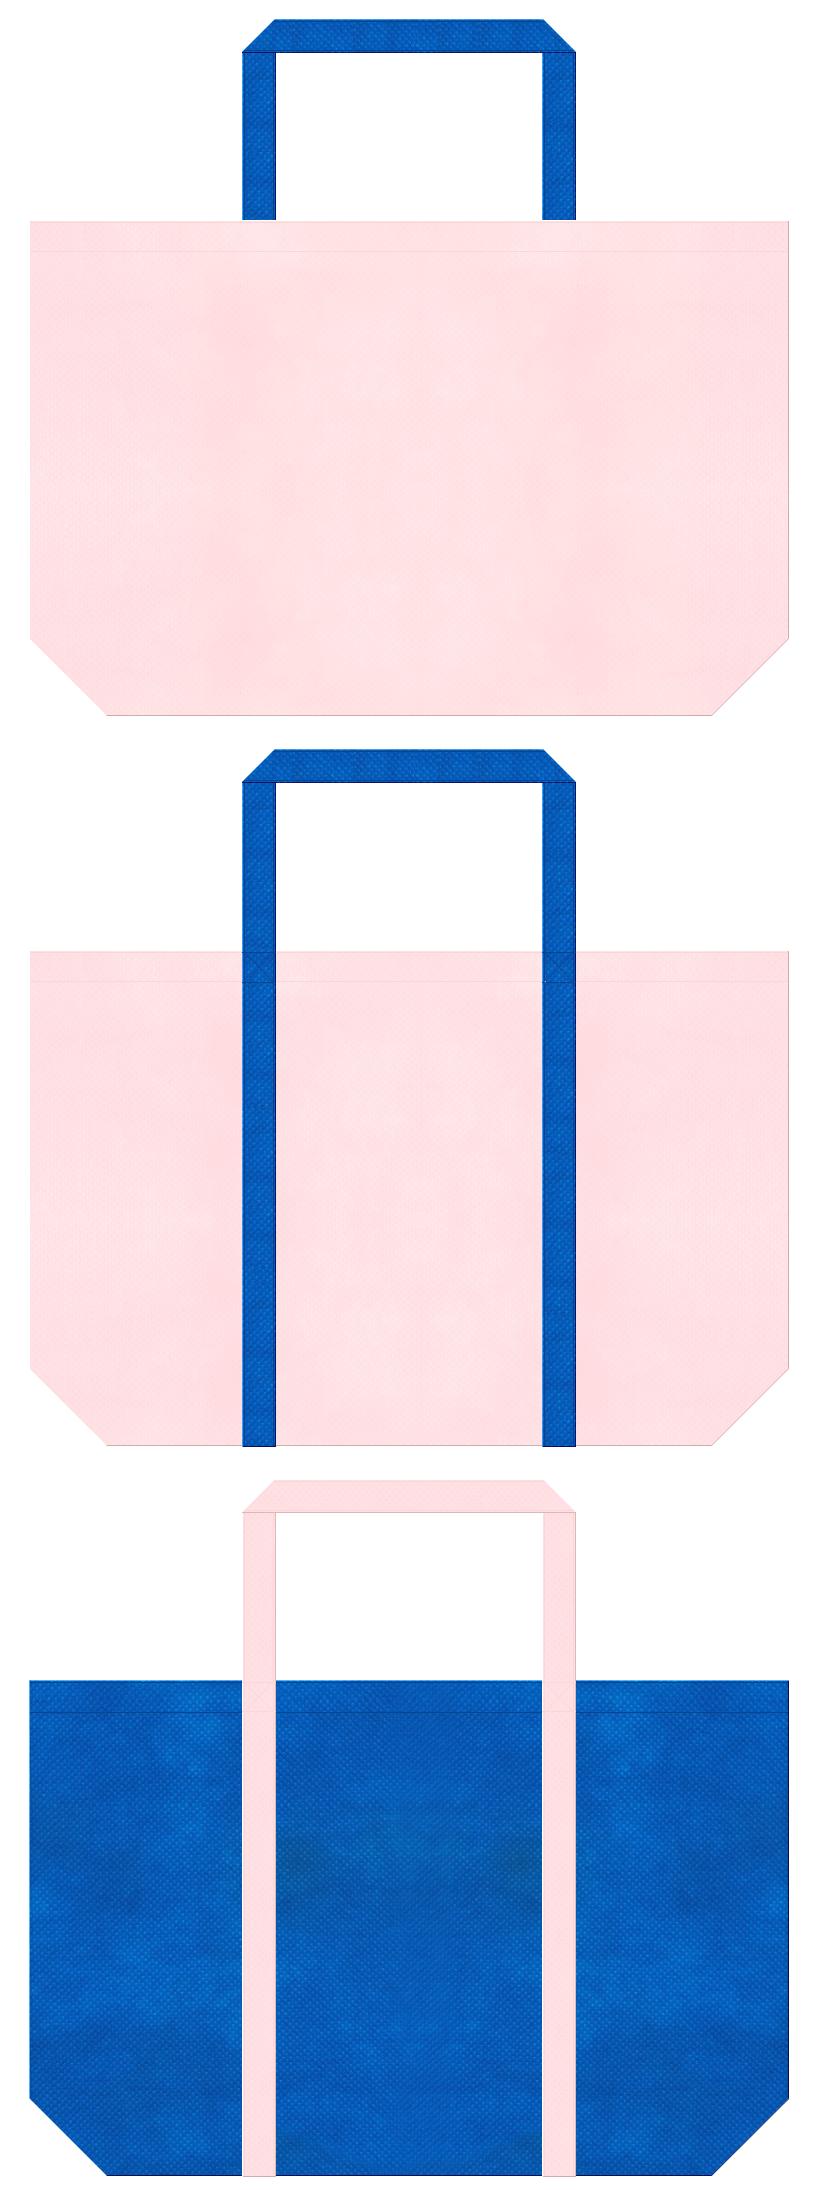 不織布バッグのデザイン:不織布カラーNo.26ライトピンクとNo.22スカイブルーの組み合わせ